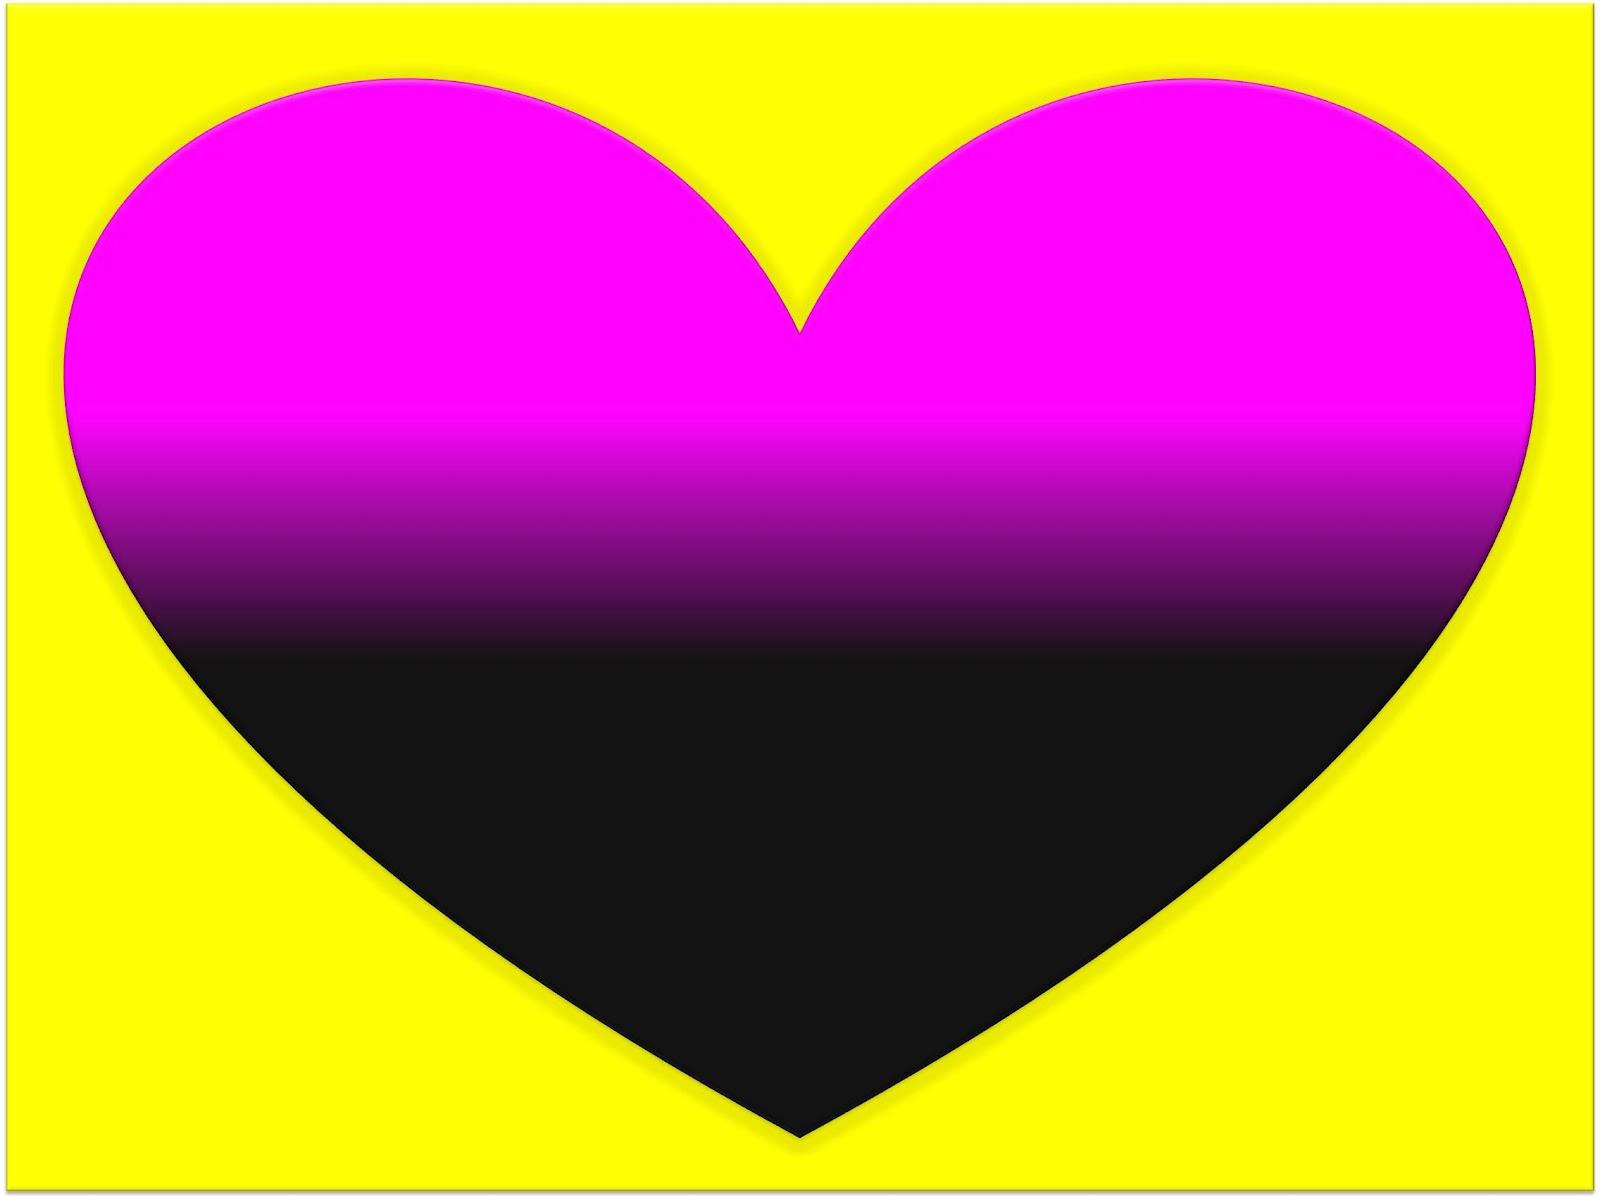 http://2.bp.blogspot.com/-v9NrC5ATsp0/T_zAOVDECII/AAAAAAAACkE/cAymdlOioa8/s1600/434-corazon_negro_y_morado-2272x1704.jpg